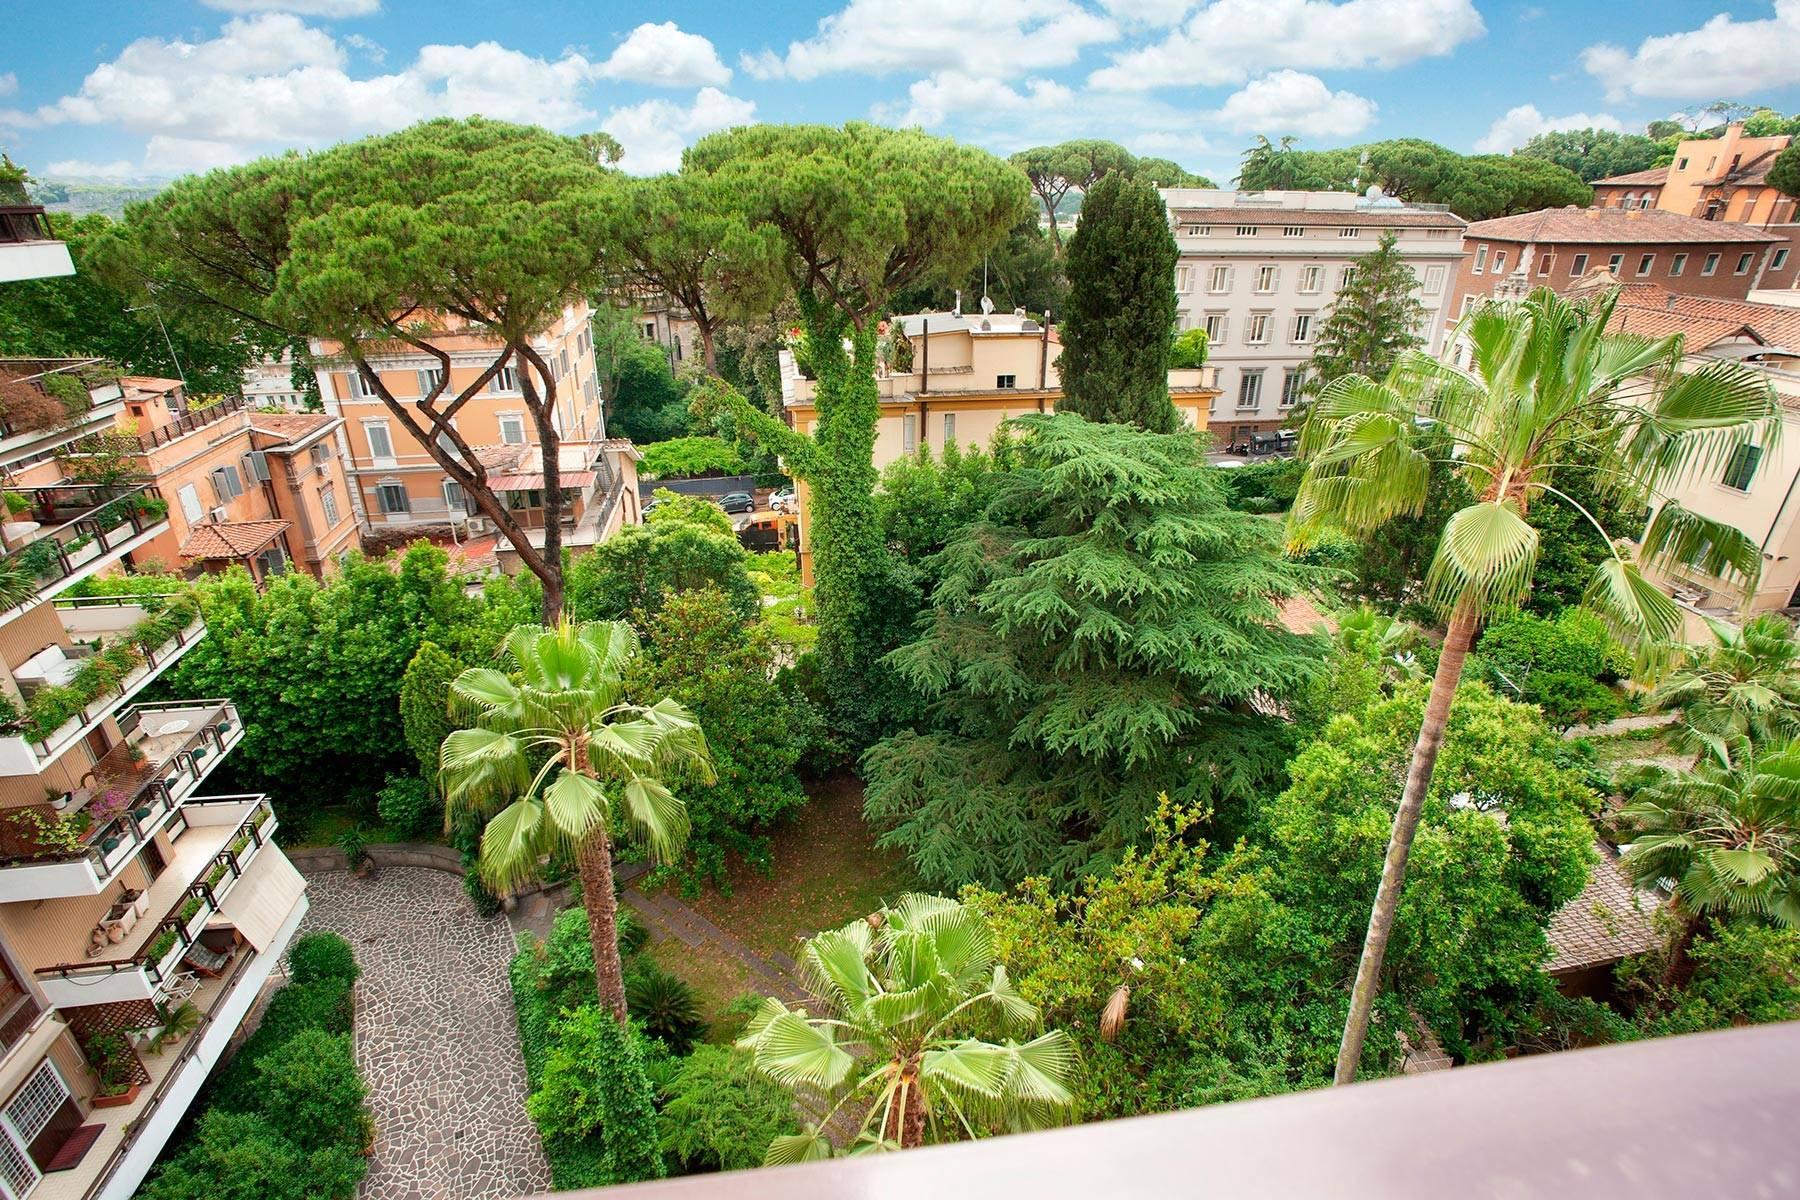 Design-Penthouse mit Panorama-Terrasse mitten im Grünen - 9